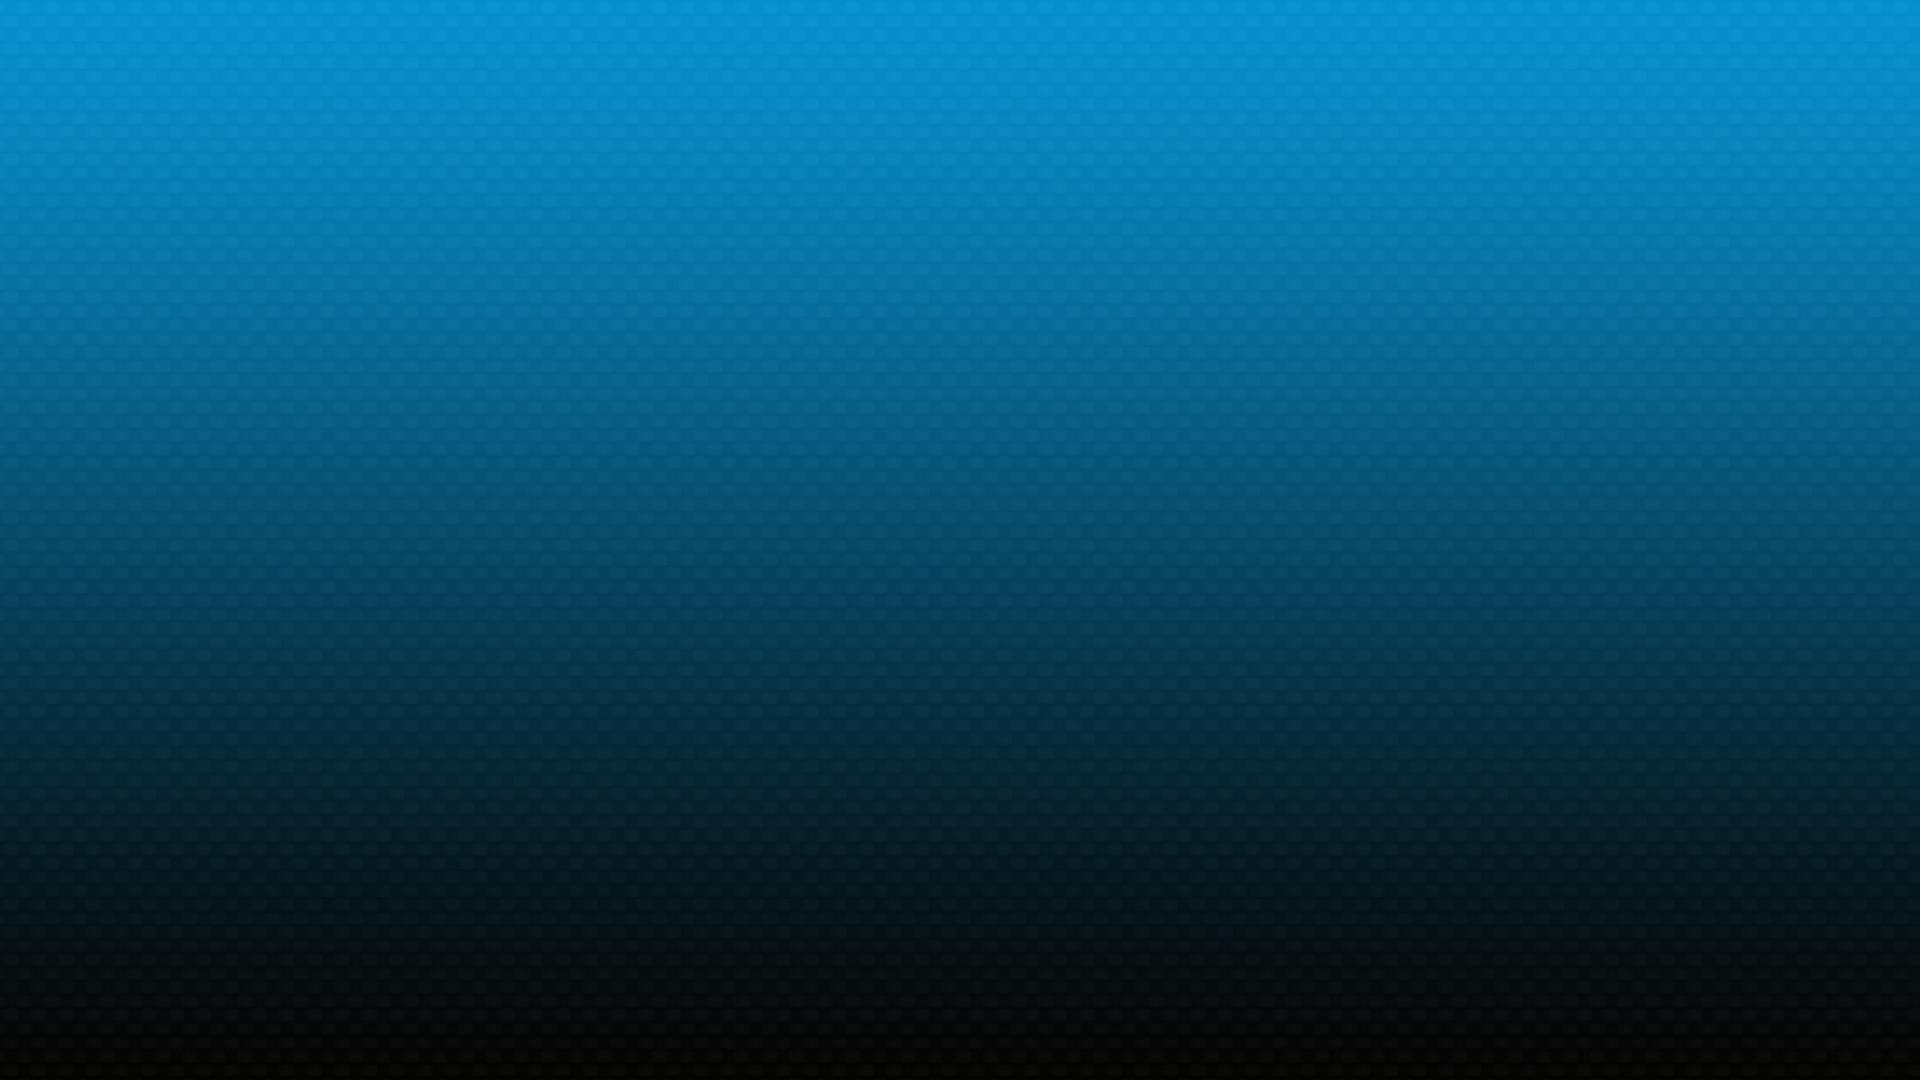 Blue Wallpaper 1920x1080 texture Wallpapers 3d for desktop 3d 1920x1080